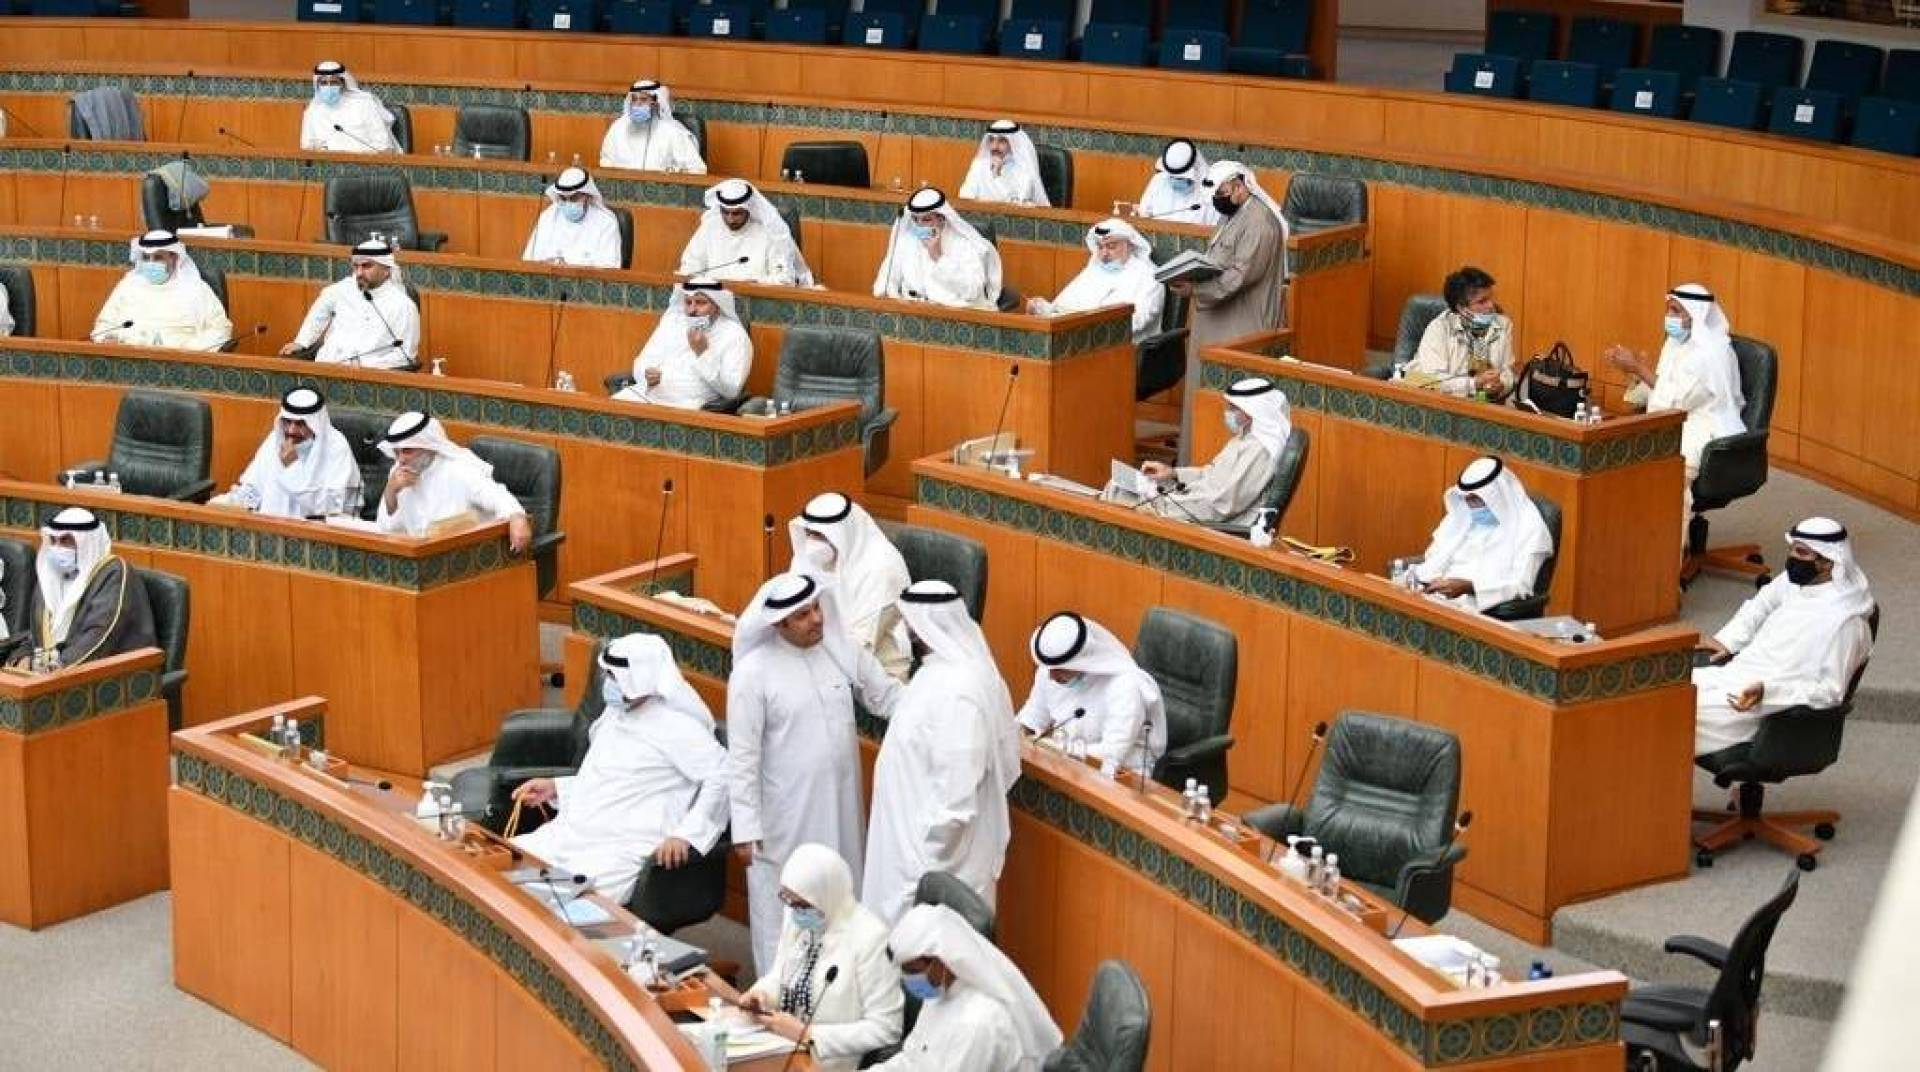 ما هو قانون التركيبة السكانية الذي أقره مجلس الأمة اليوم؟